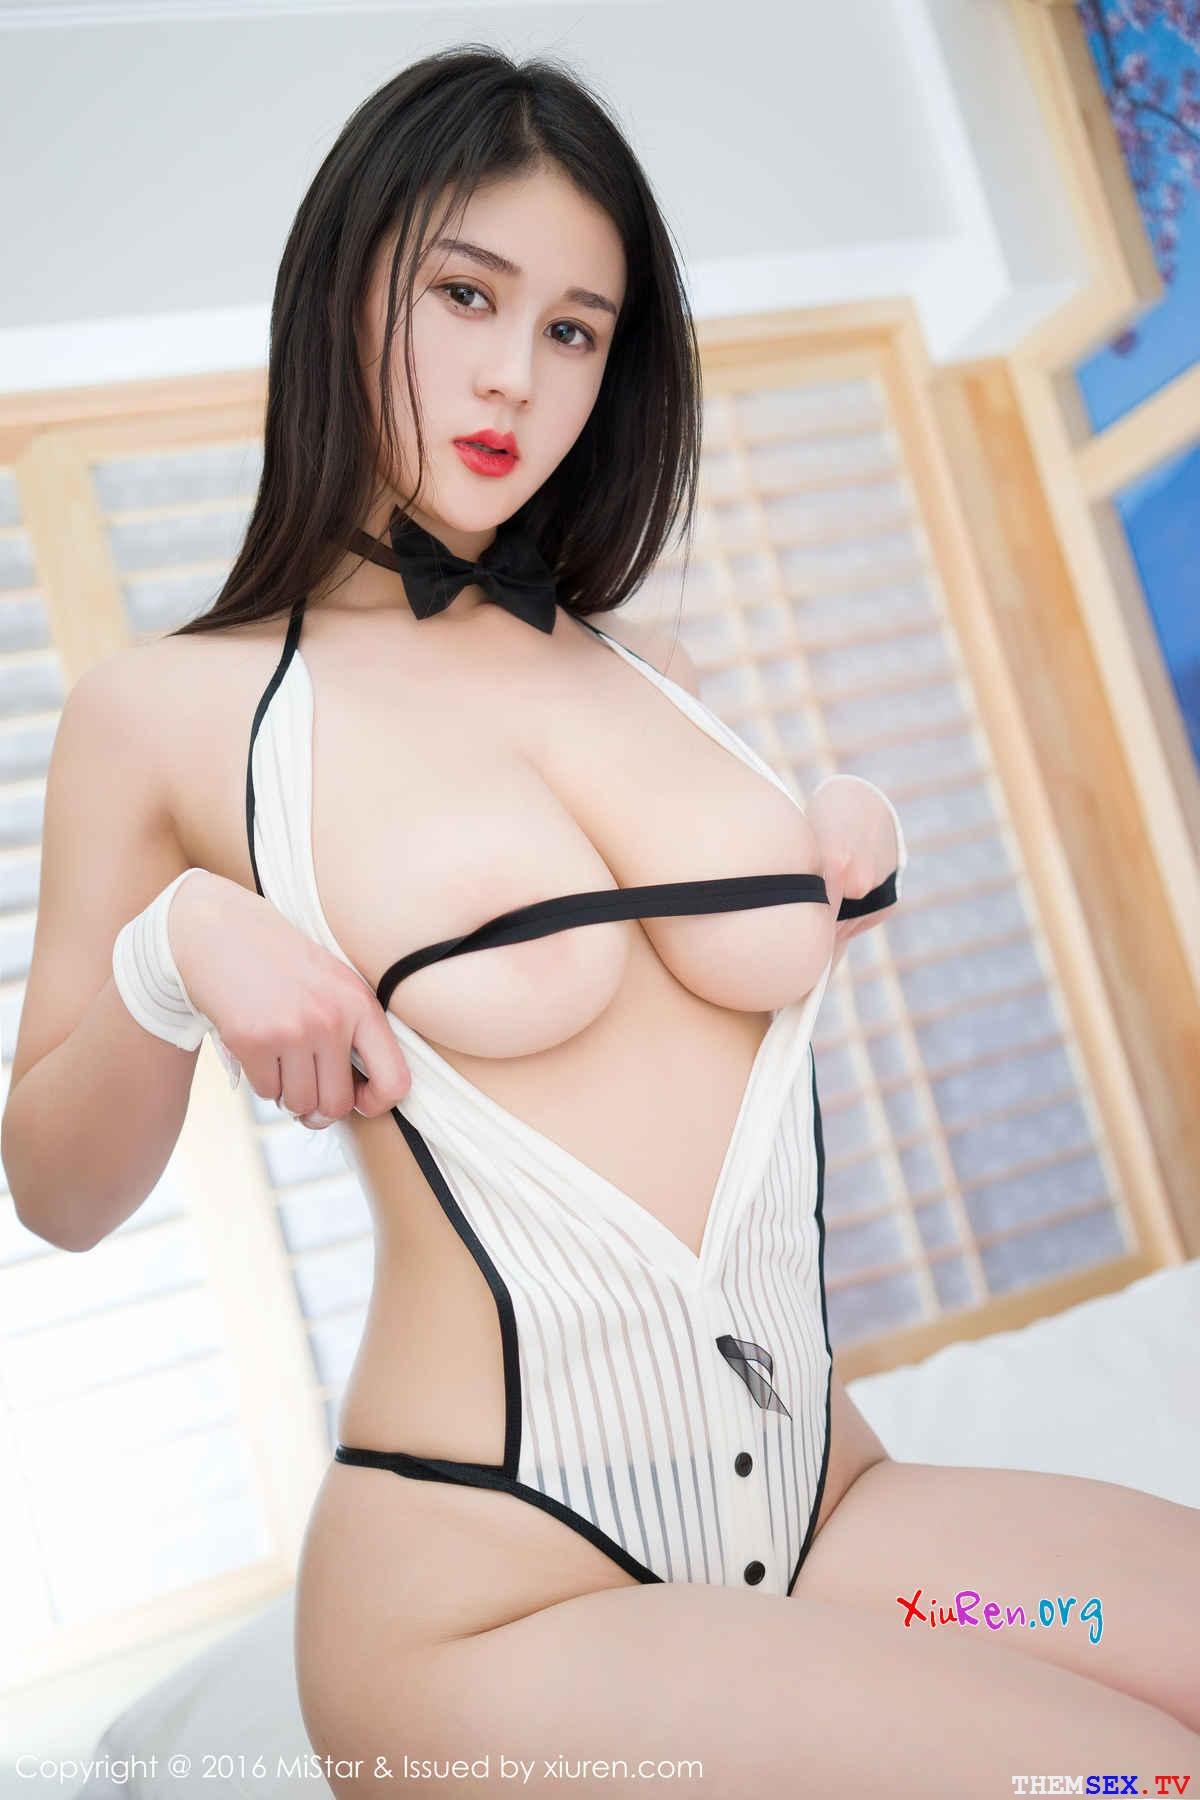 Ảnh gái xinh sexy bán nude khoe ngực trần gợi cảm